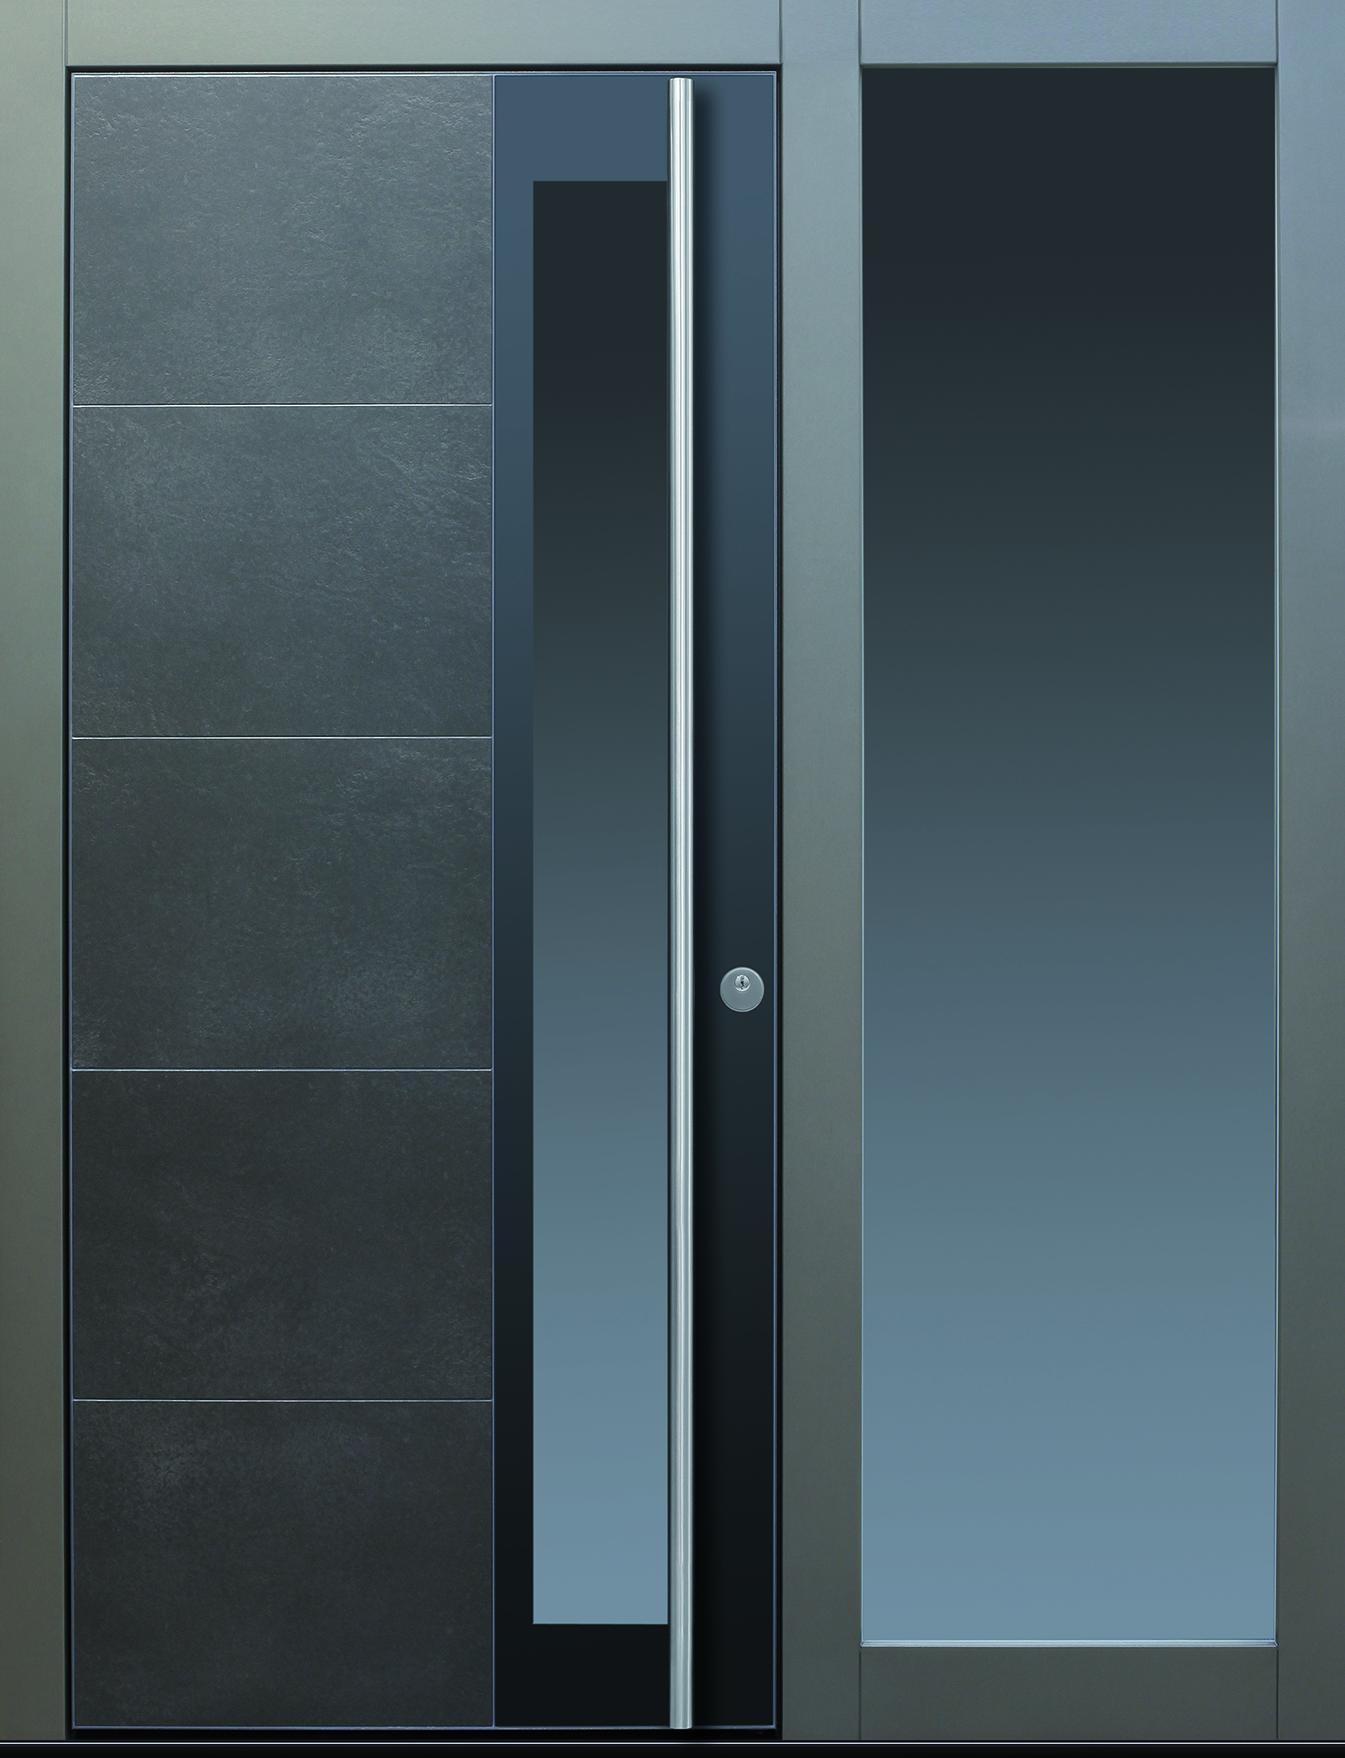 Eingangstüren mit seitenteil  Klassiche Landhaustüren und rustikale Haustüren | Page 10 | TOPIC ...